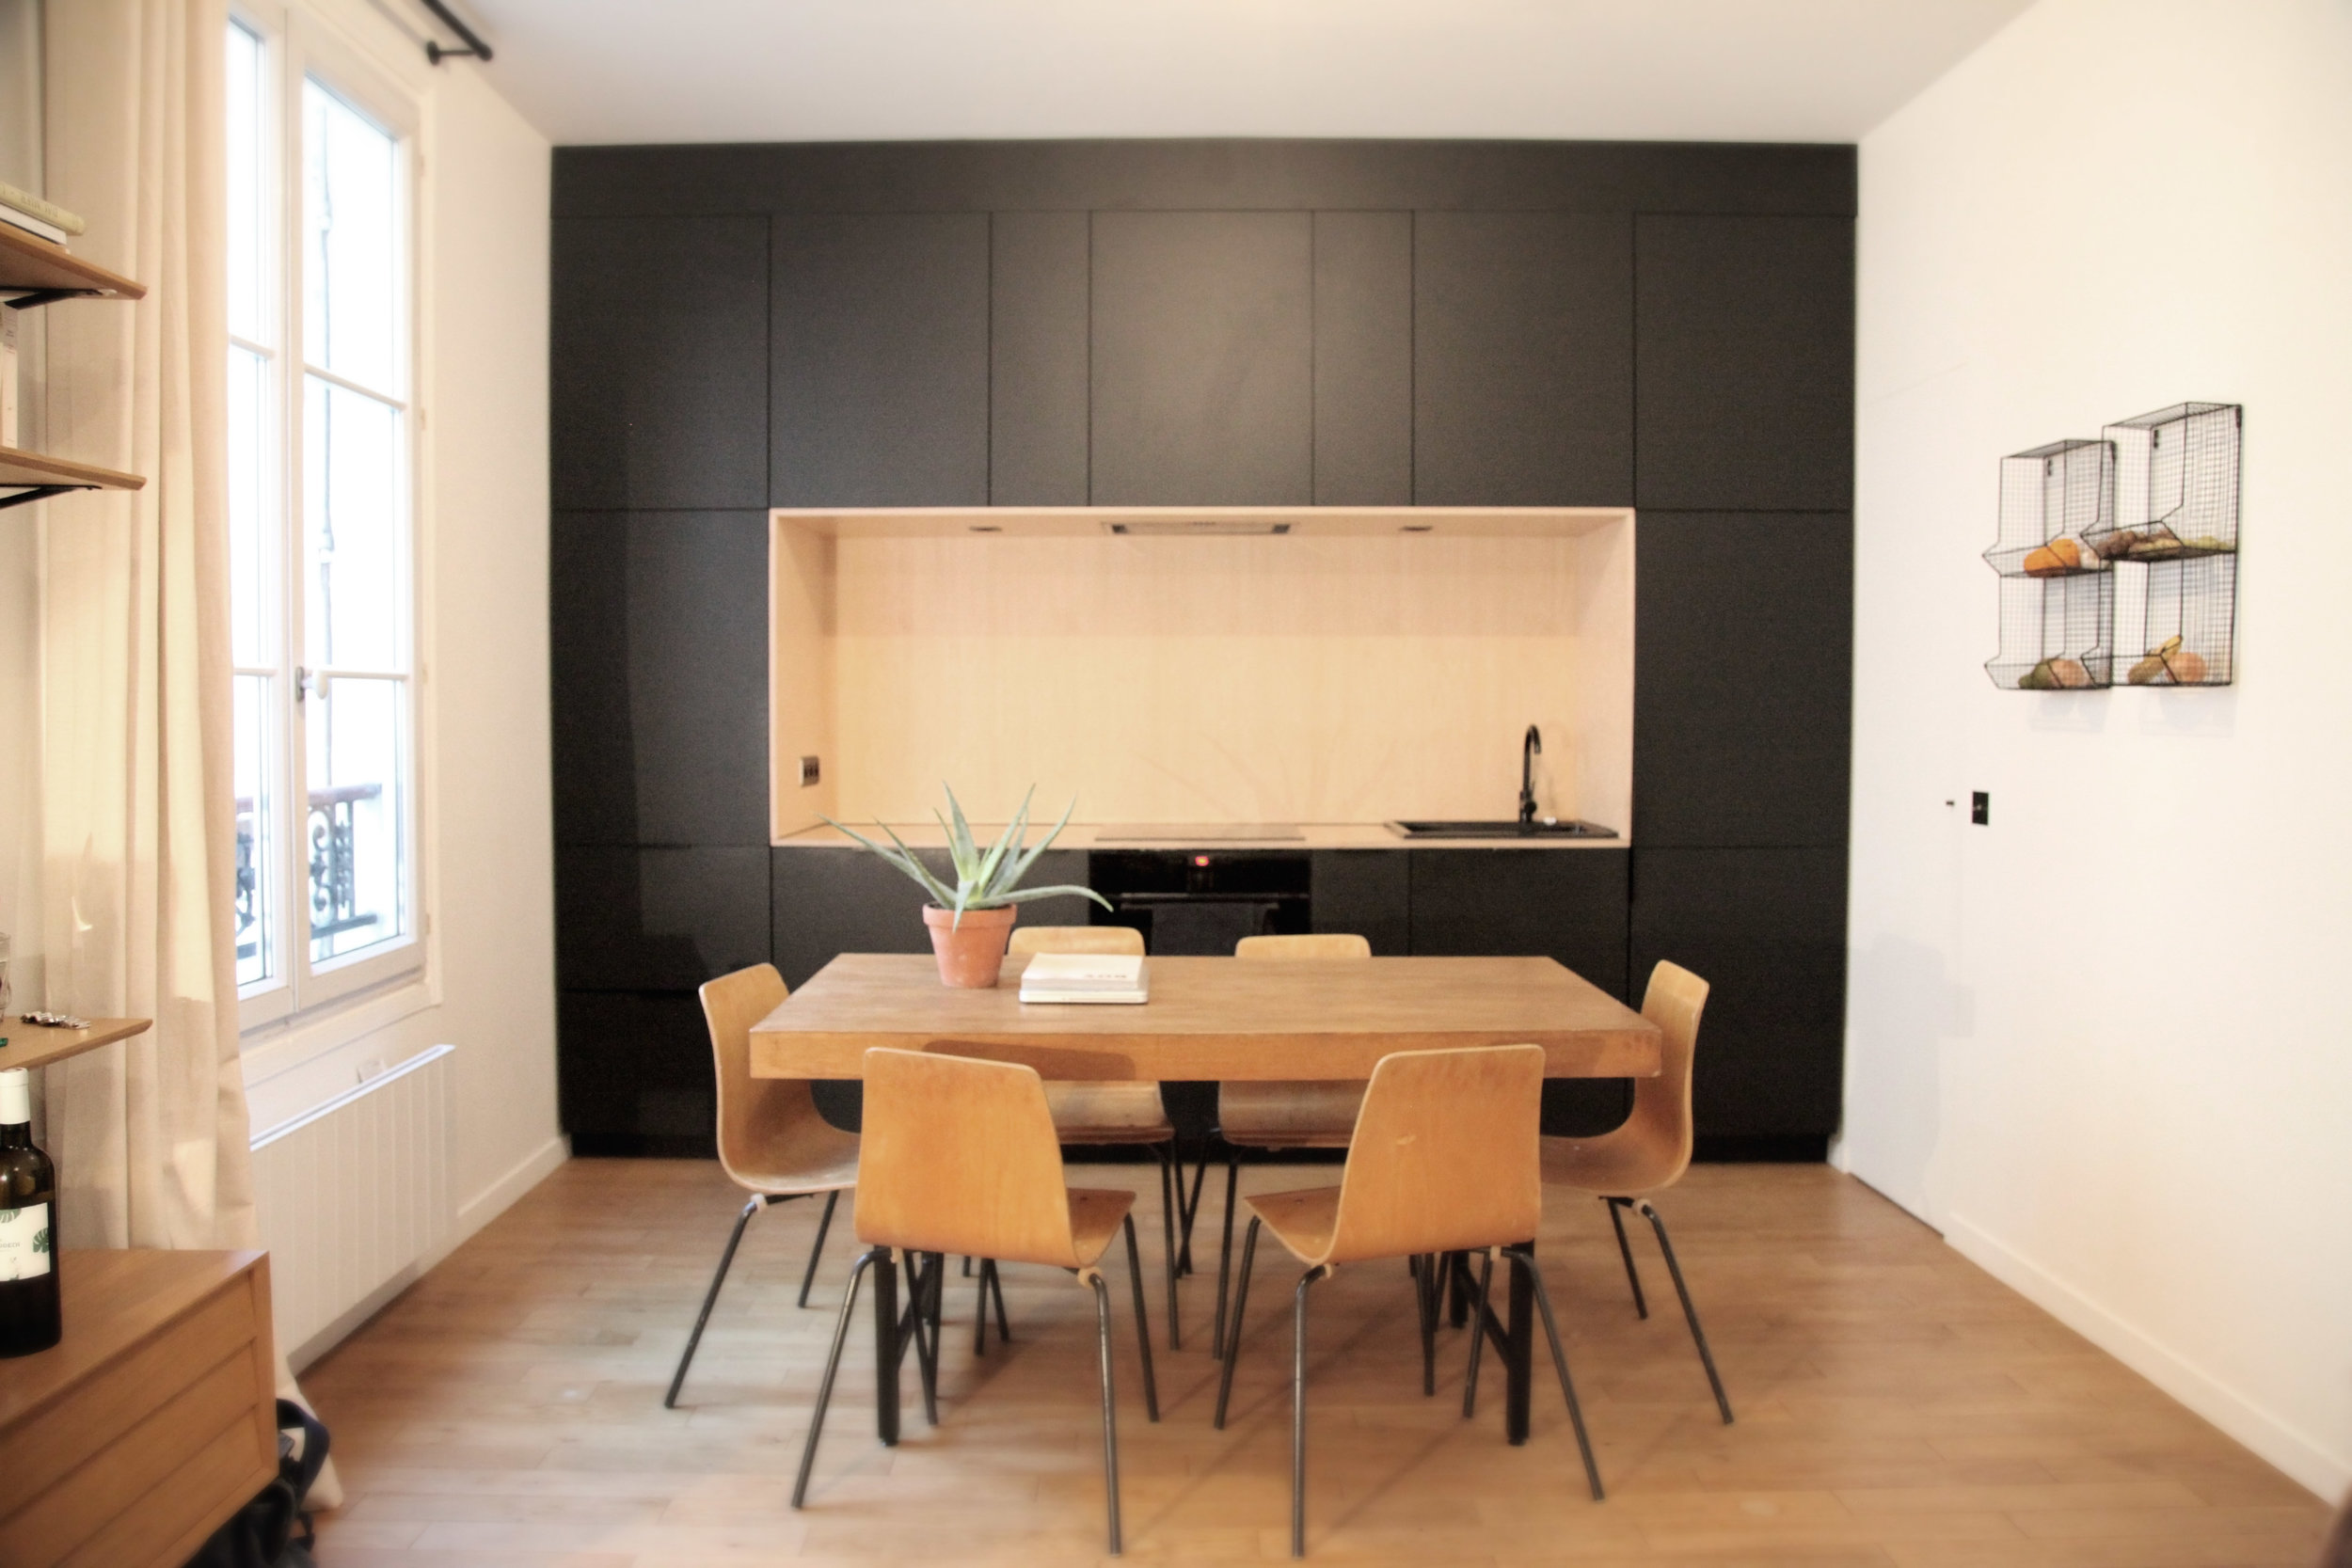 nicolasvade adv studio architecture interieur design amenagement paris 1.jpg